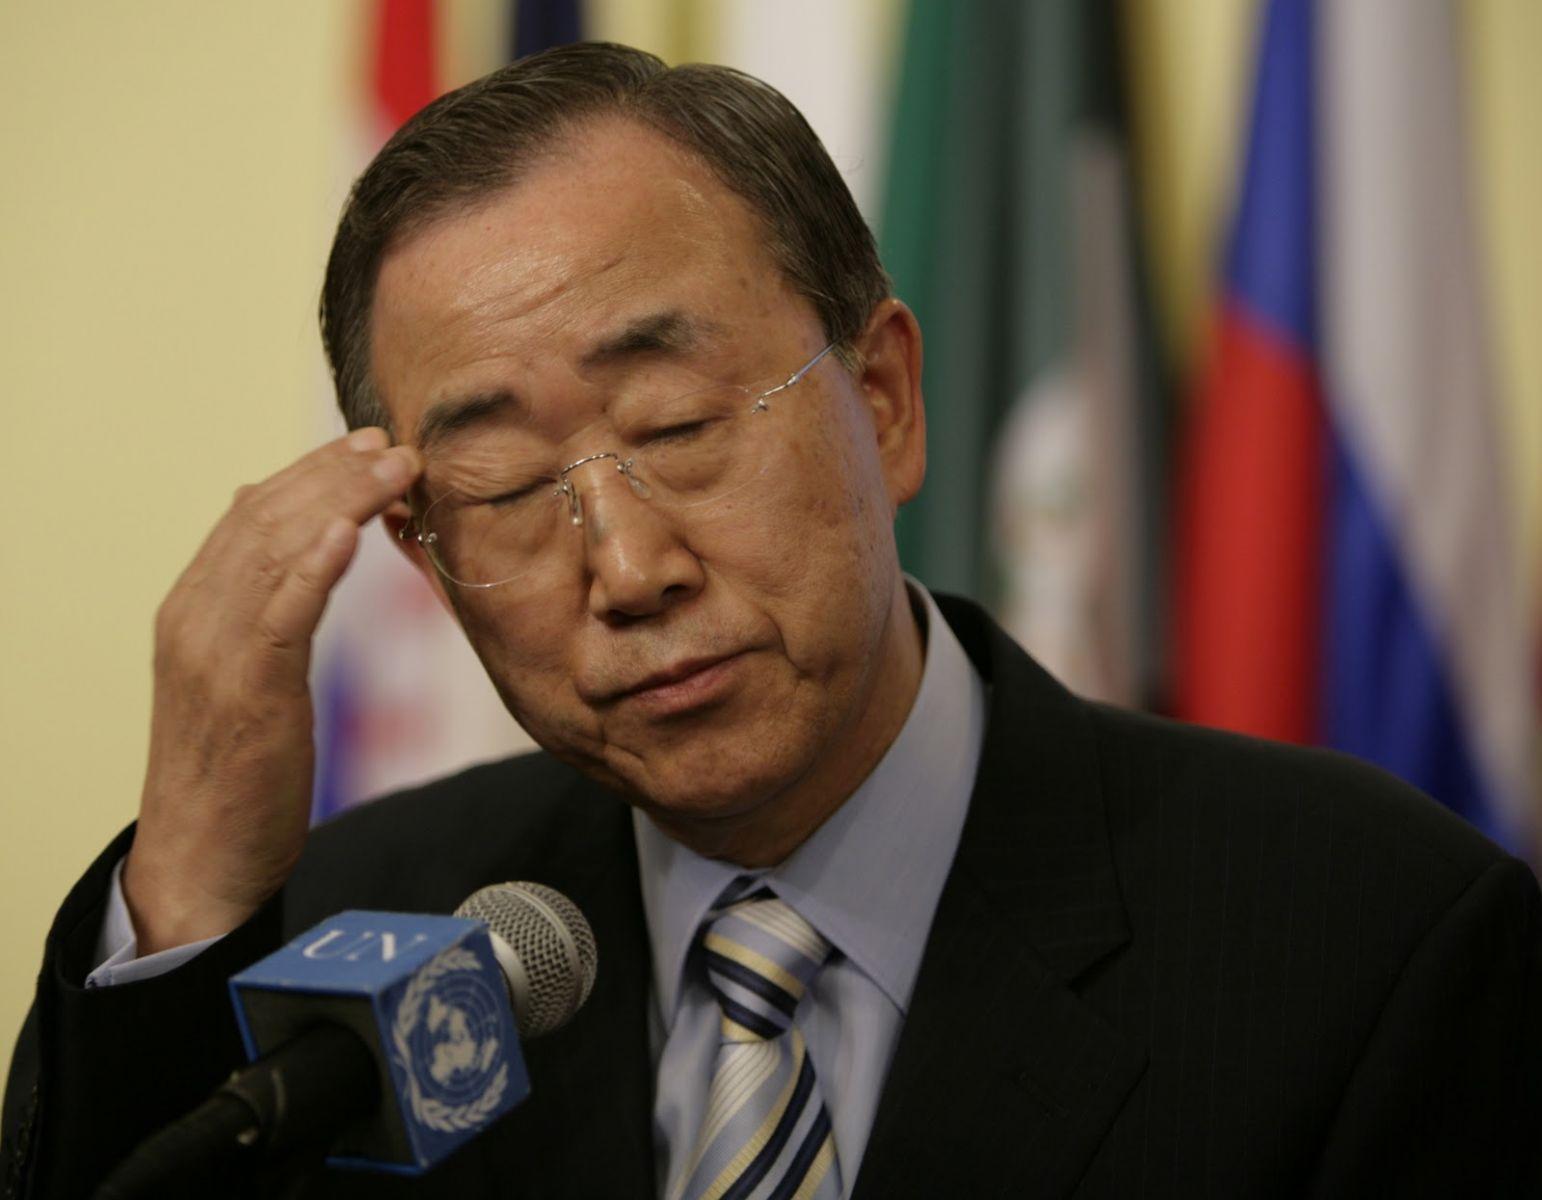 كي مون يزعم أن رهن الحل السياسي في سوريا برحيل الأسد غير مقبول